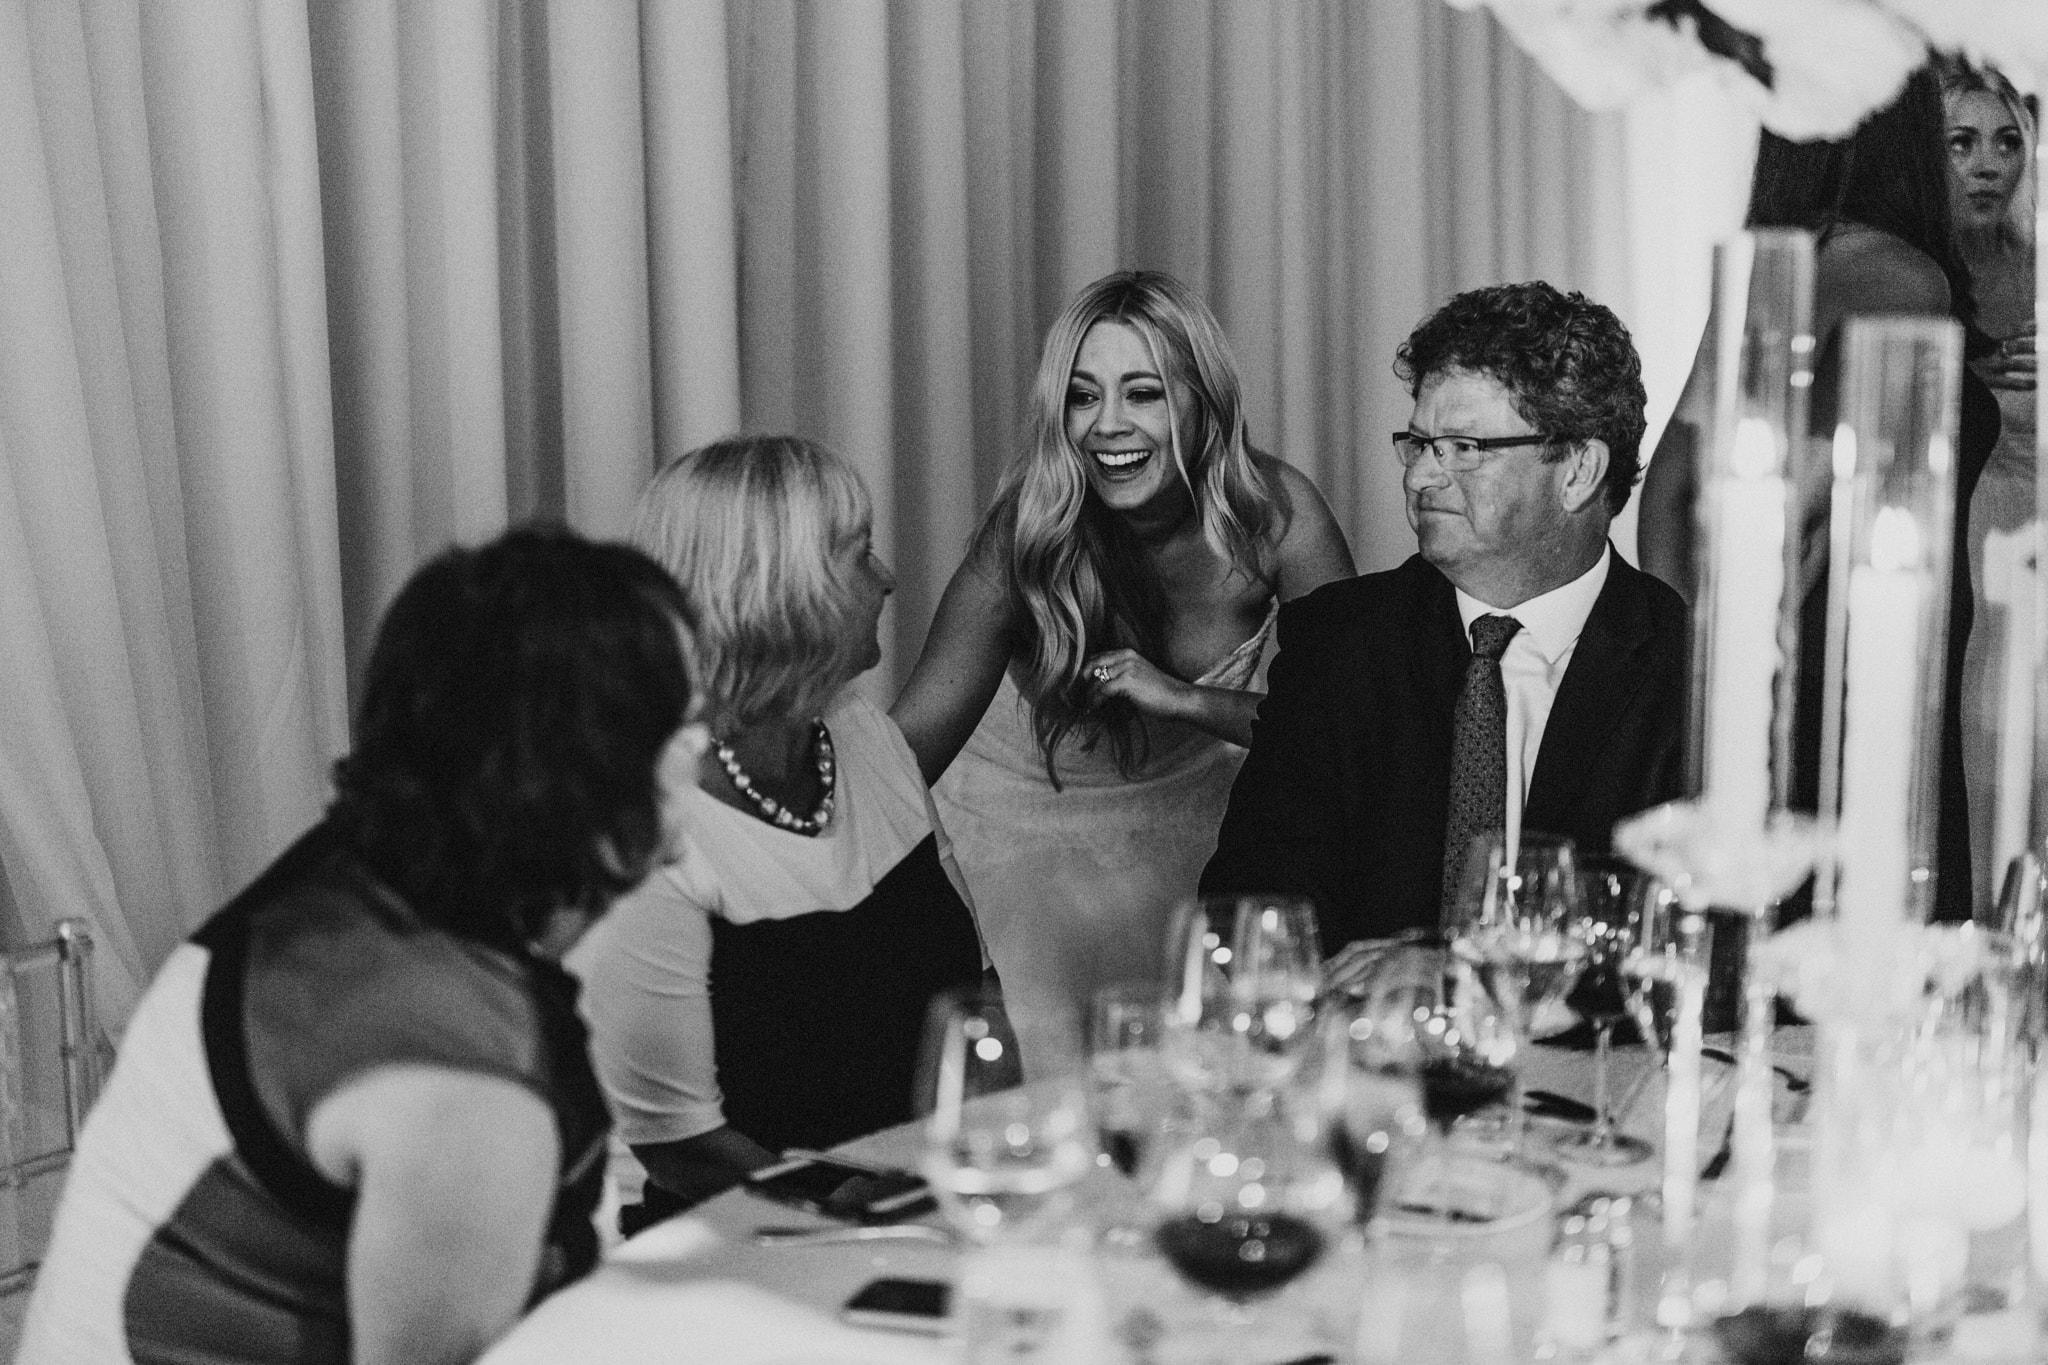 079-wedding-reception-dinner.jpg